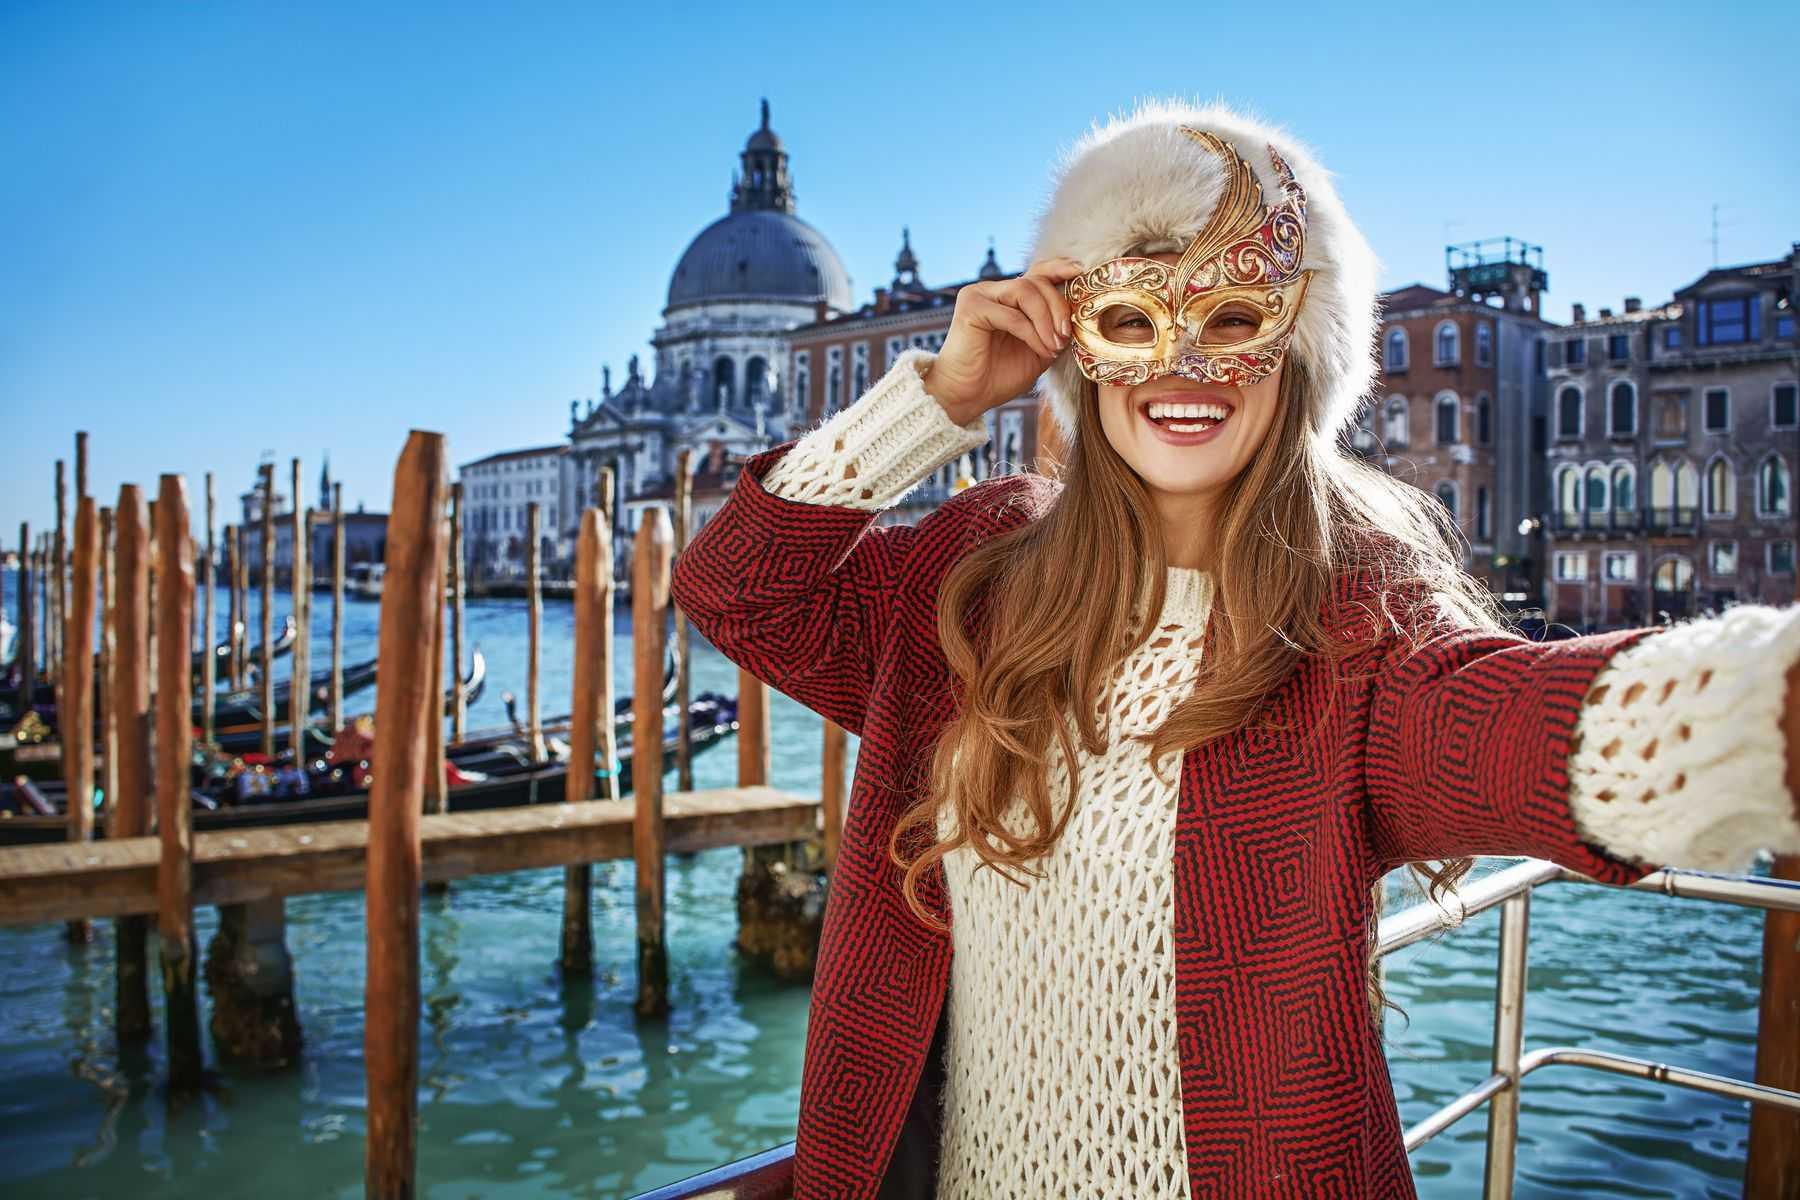 Keliaukite į Venecijos karnavalą! Kelionė nauju autobusu, 4 n. viešbučiuose su pusryčiais, 2 vakarienės ir ekskursinė programa!